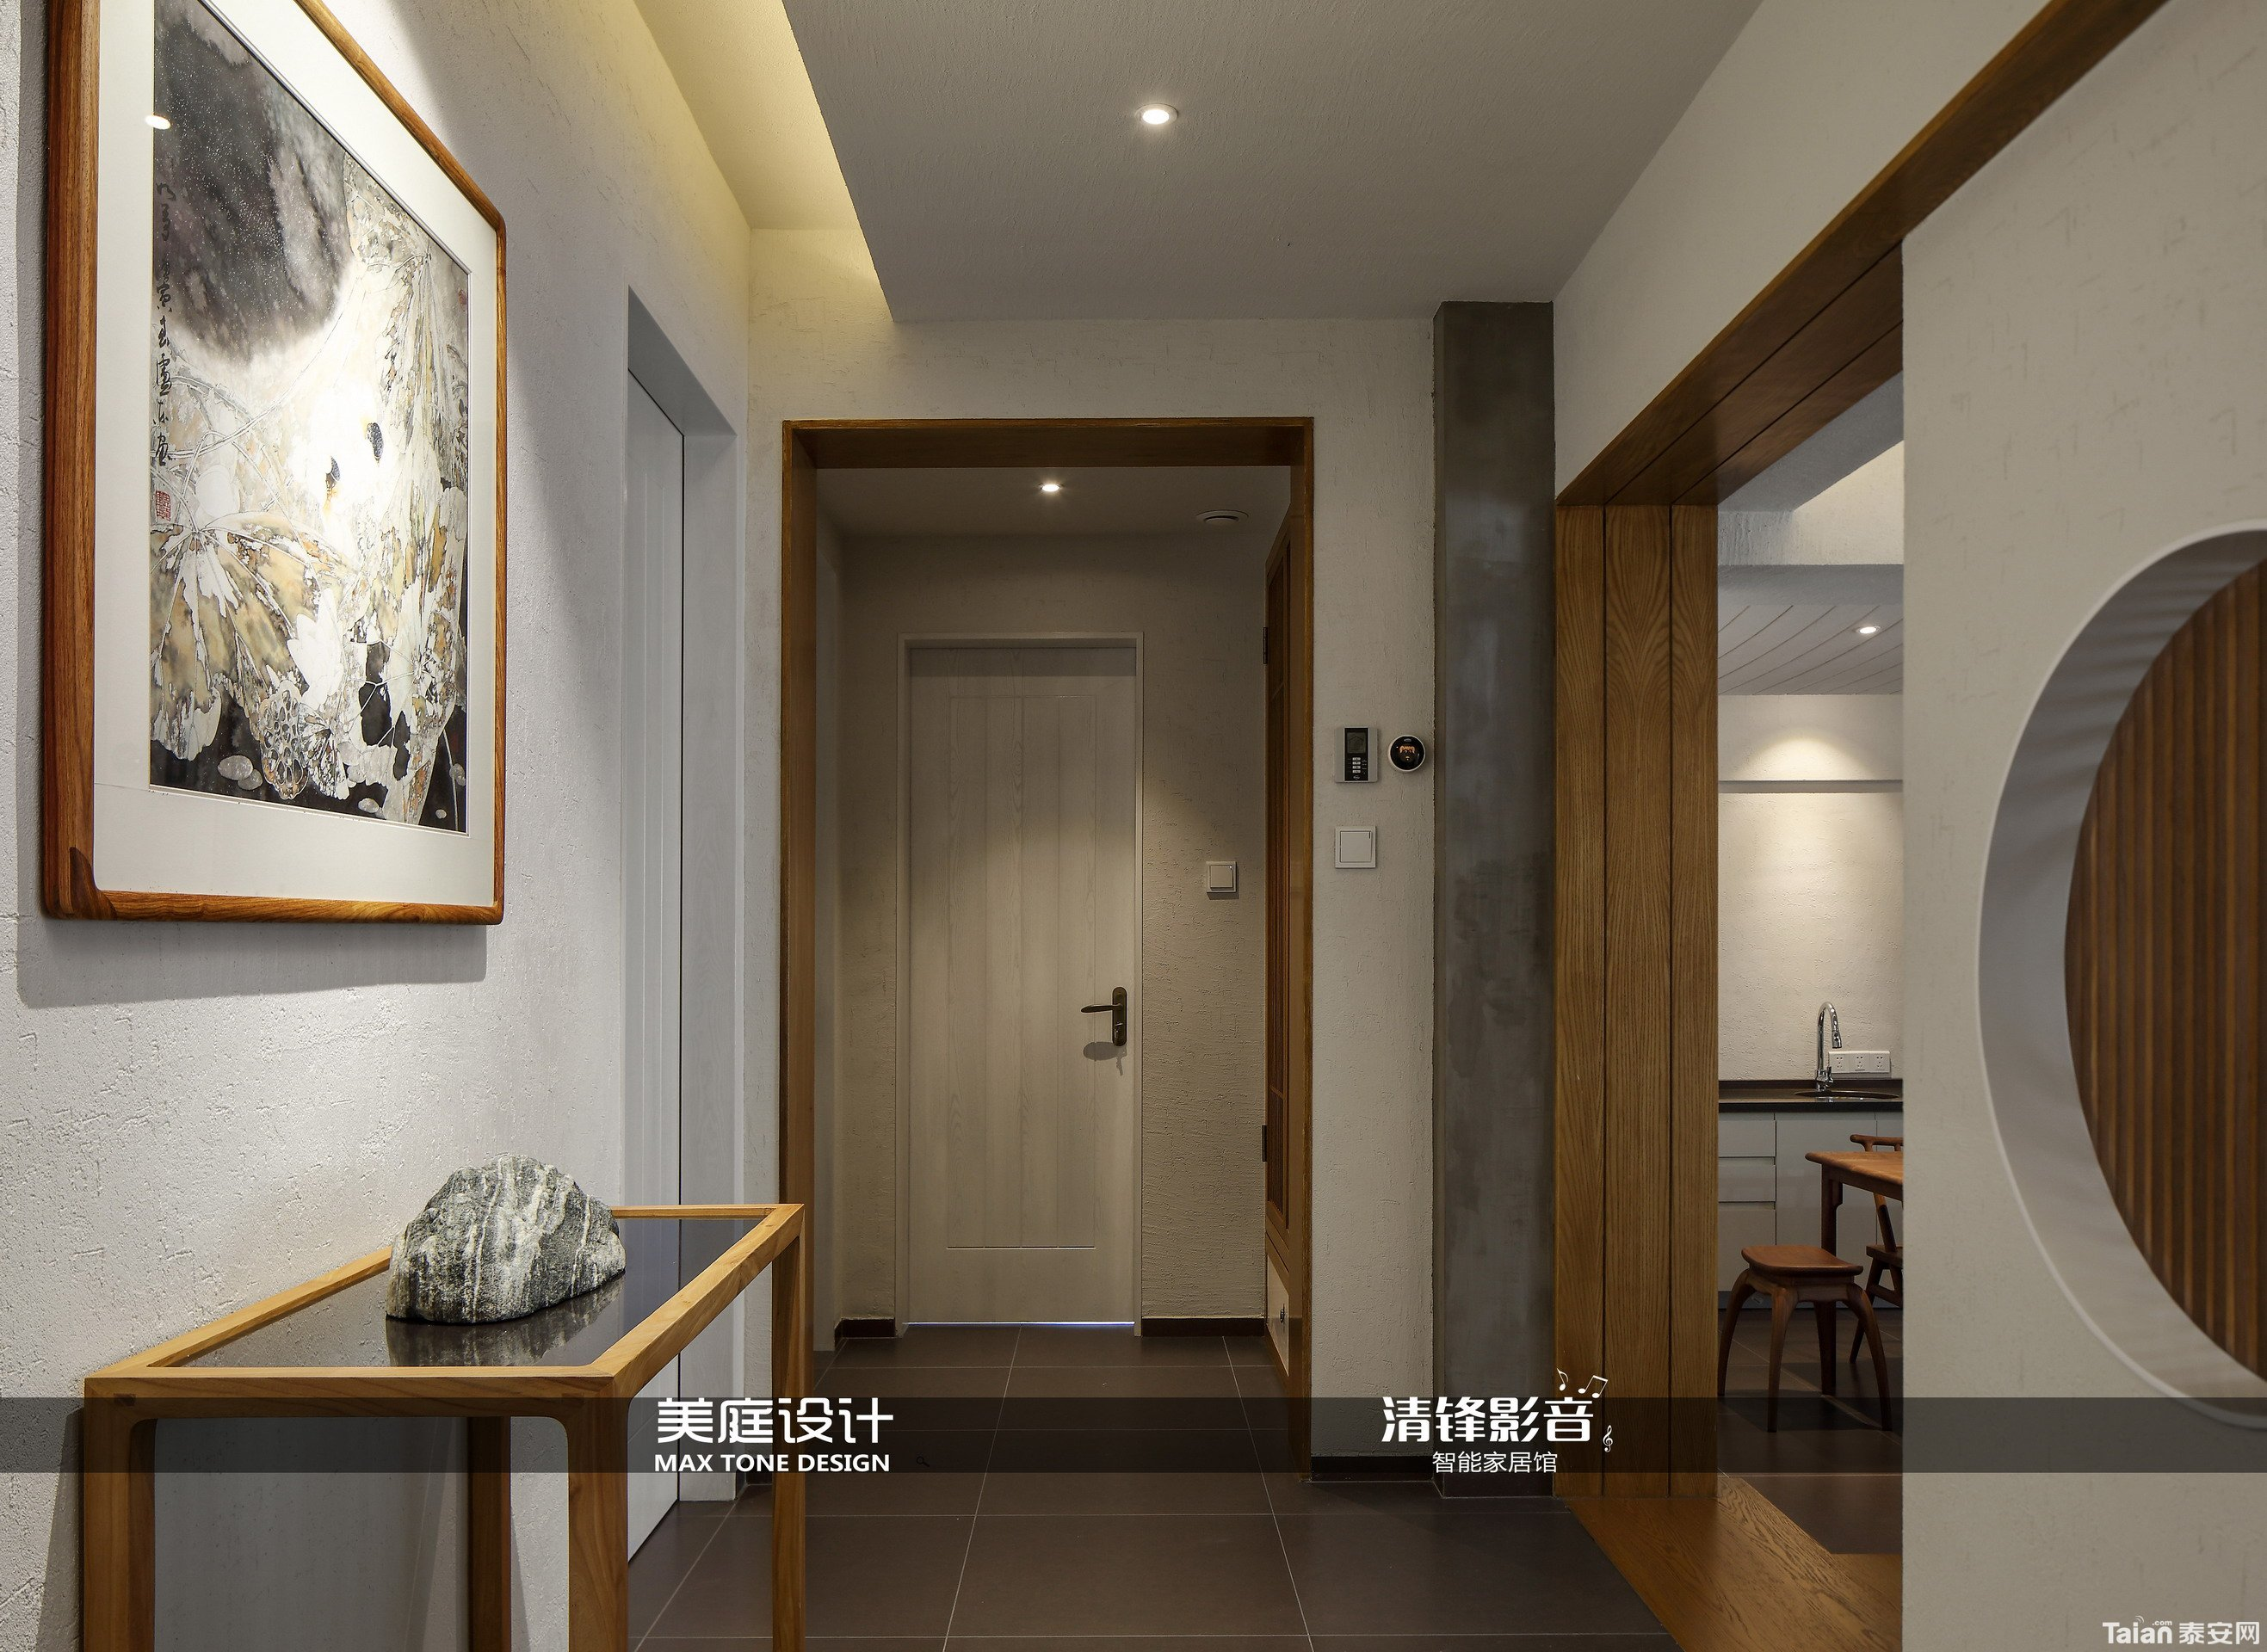 20160521-美庭设计-王峰-山景叠院-杨森8副本.jpg